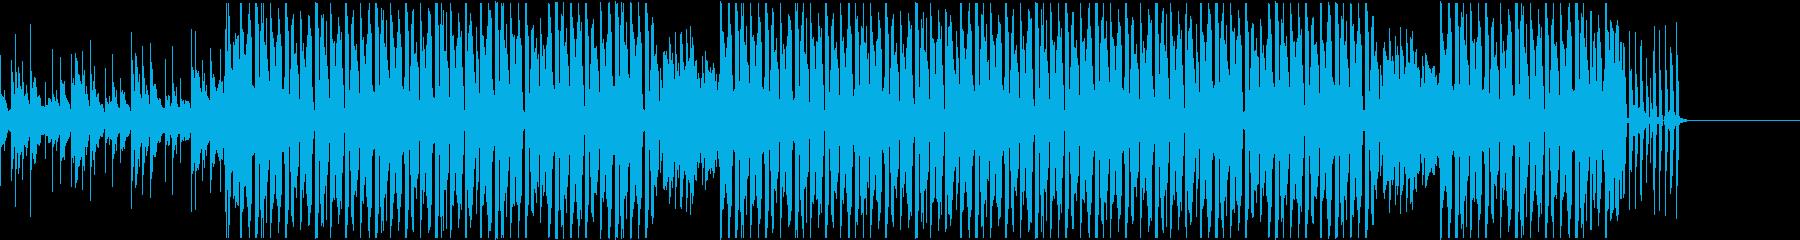 スウィングハウス子どもの笑い声ハロウィンの再生済みの波形